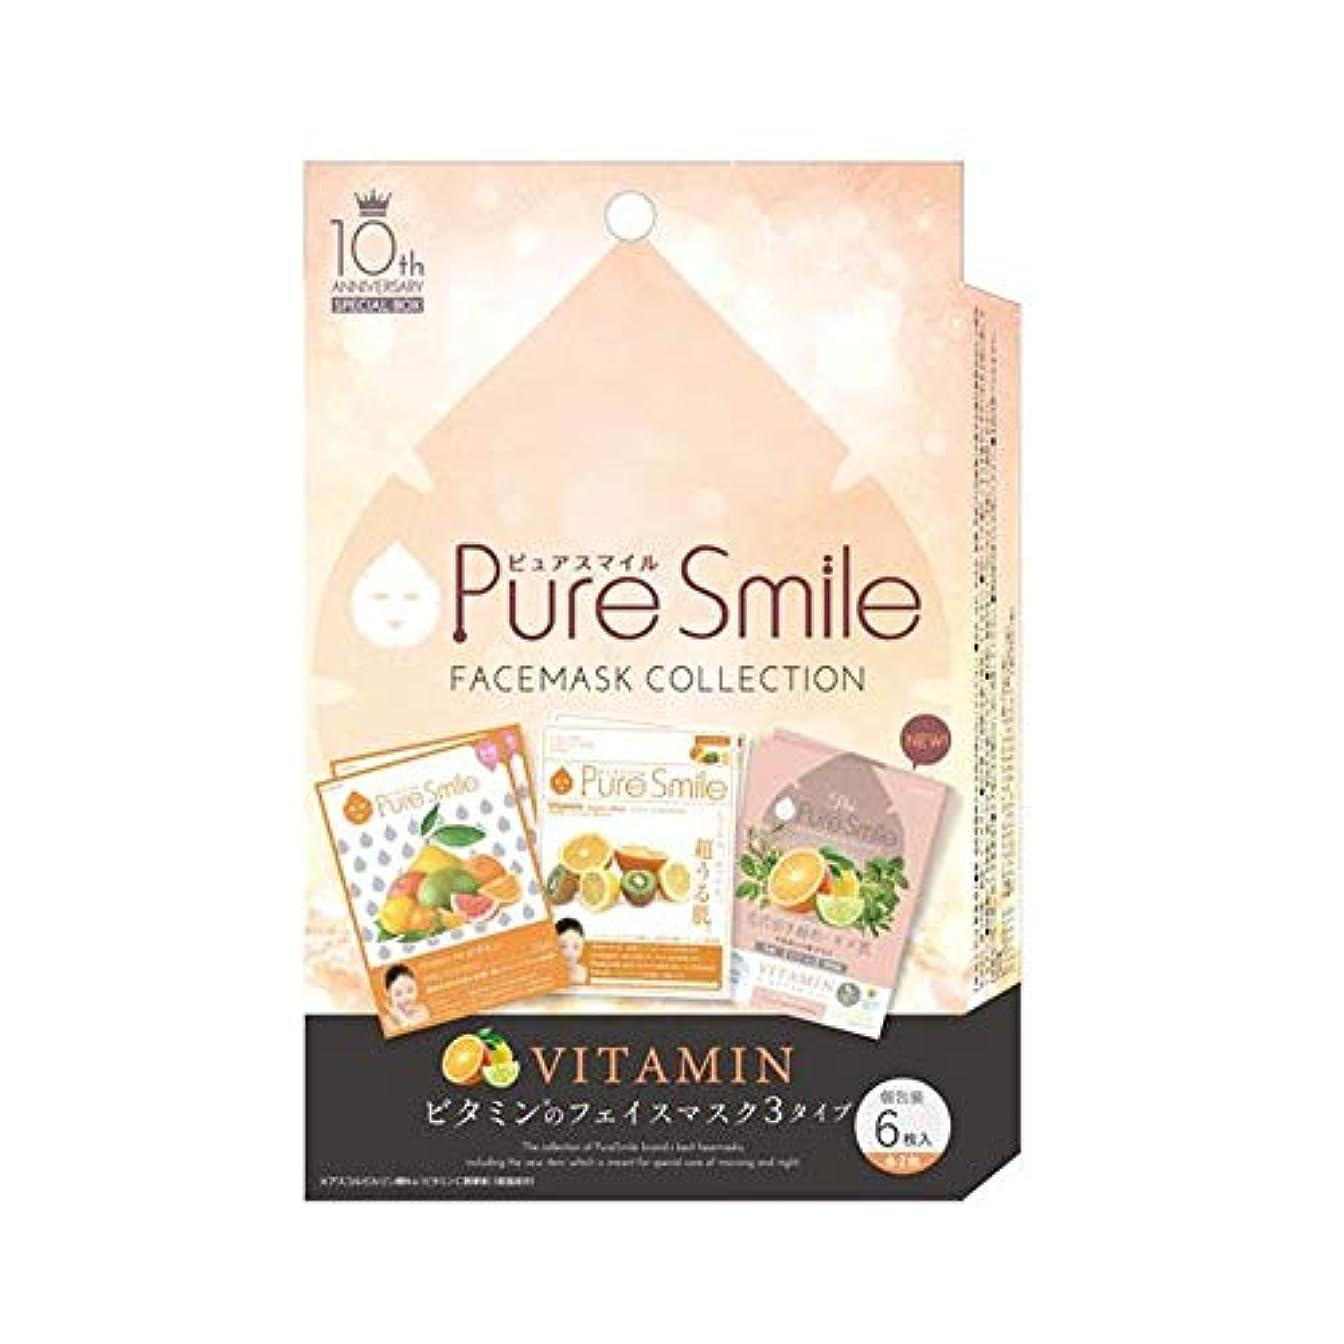 不名誉なアクセサリー有効ピュア スマイル Pure Smile 10thアニバーサリー スペシャルボックス ビタミン 6枚入り